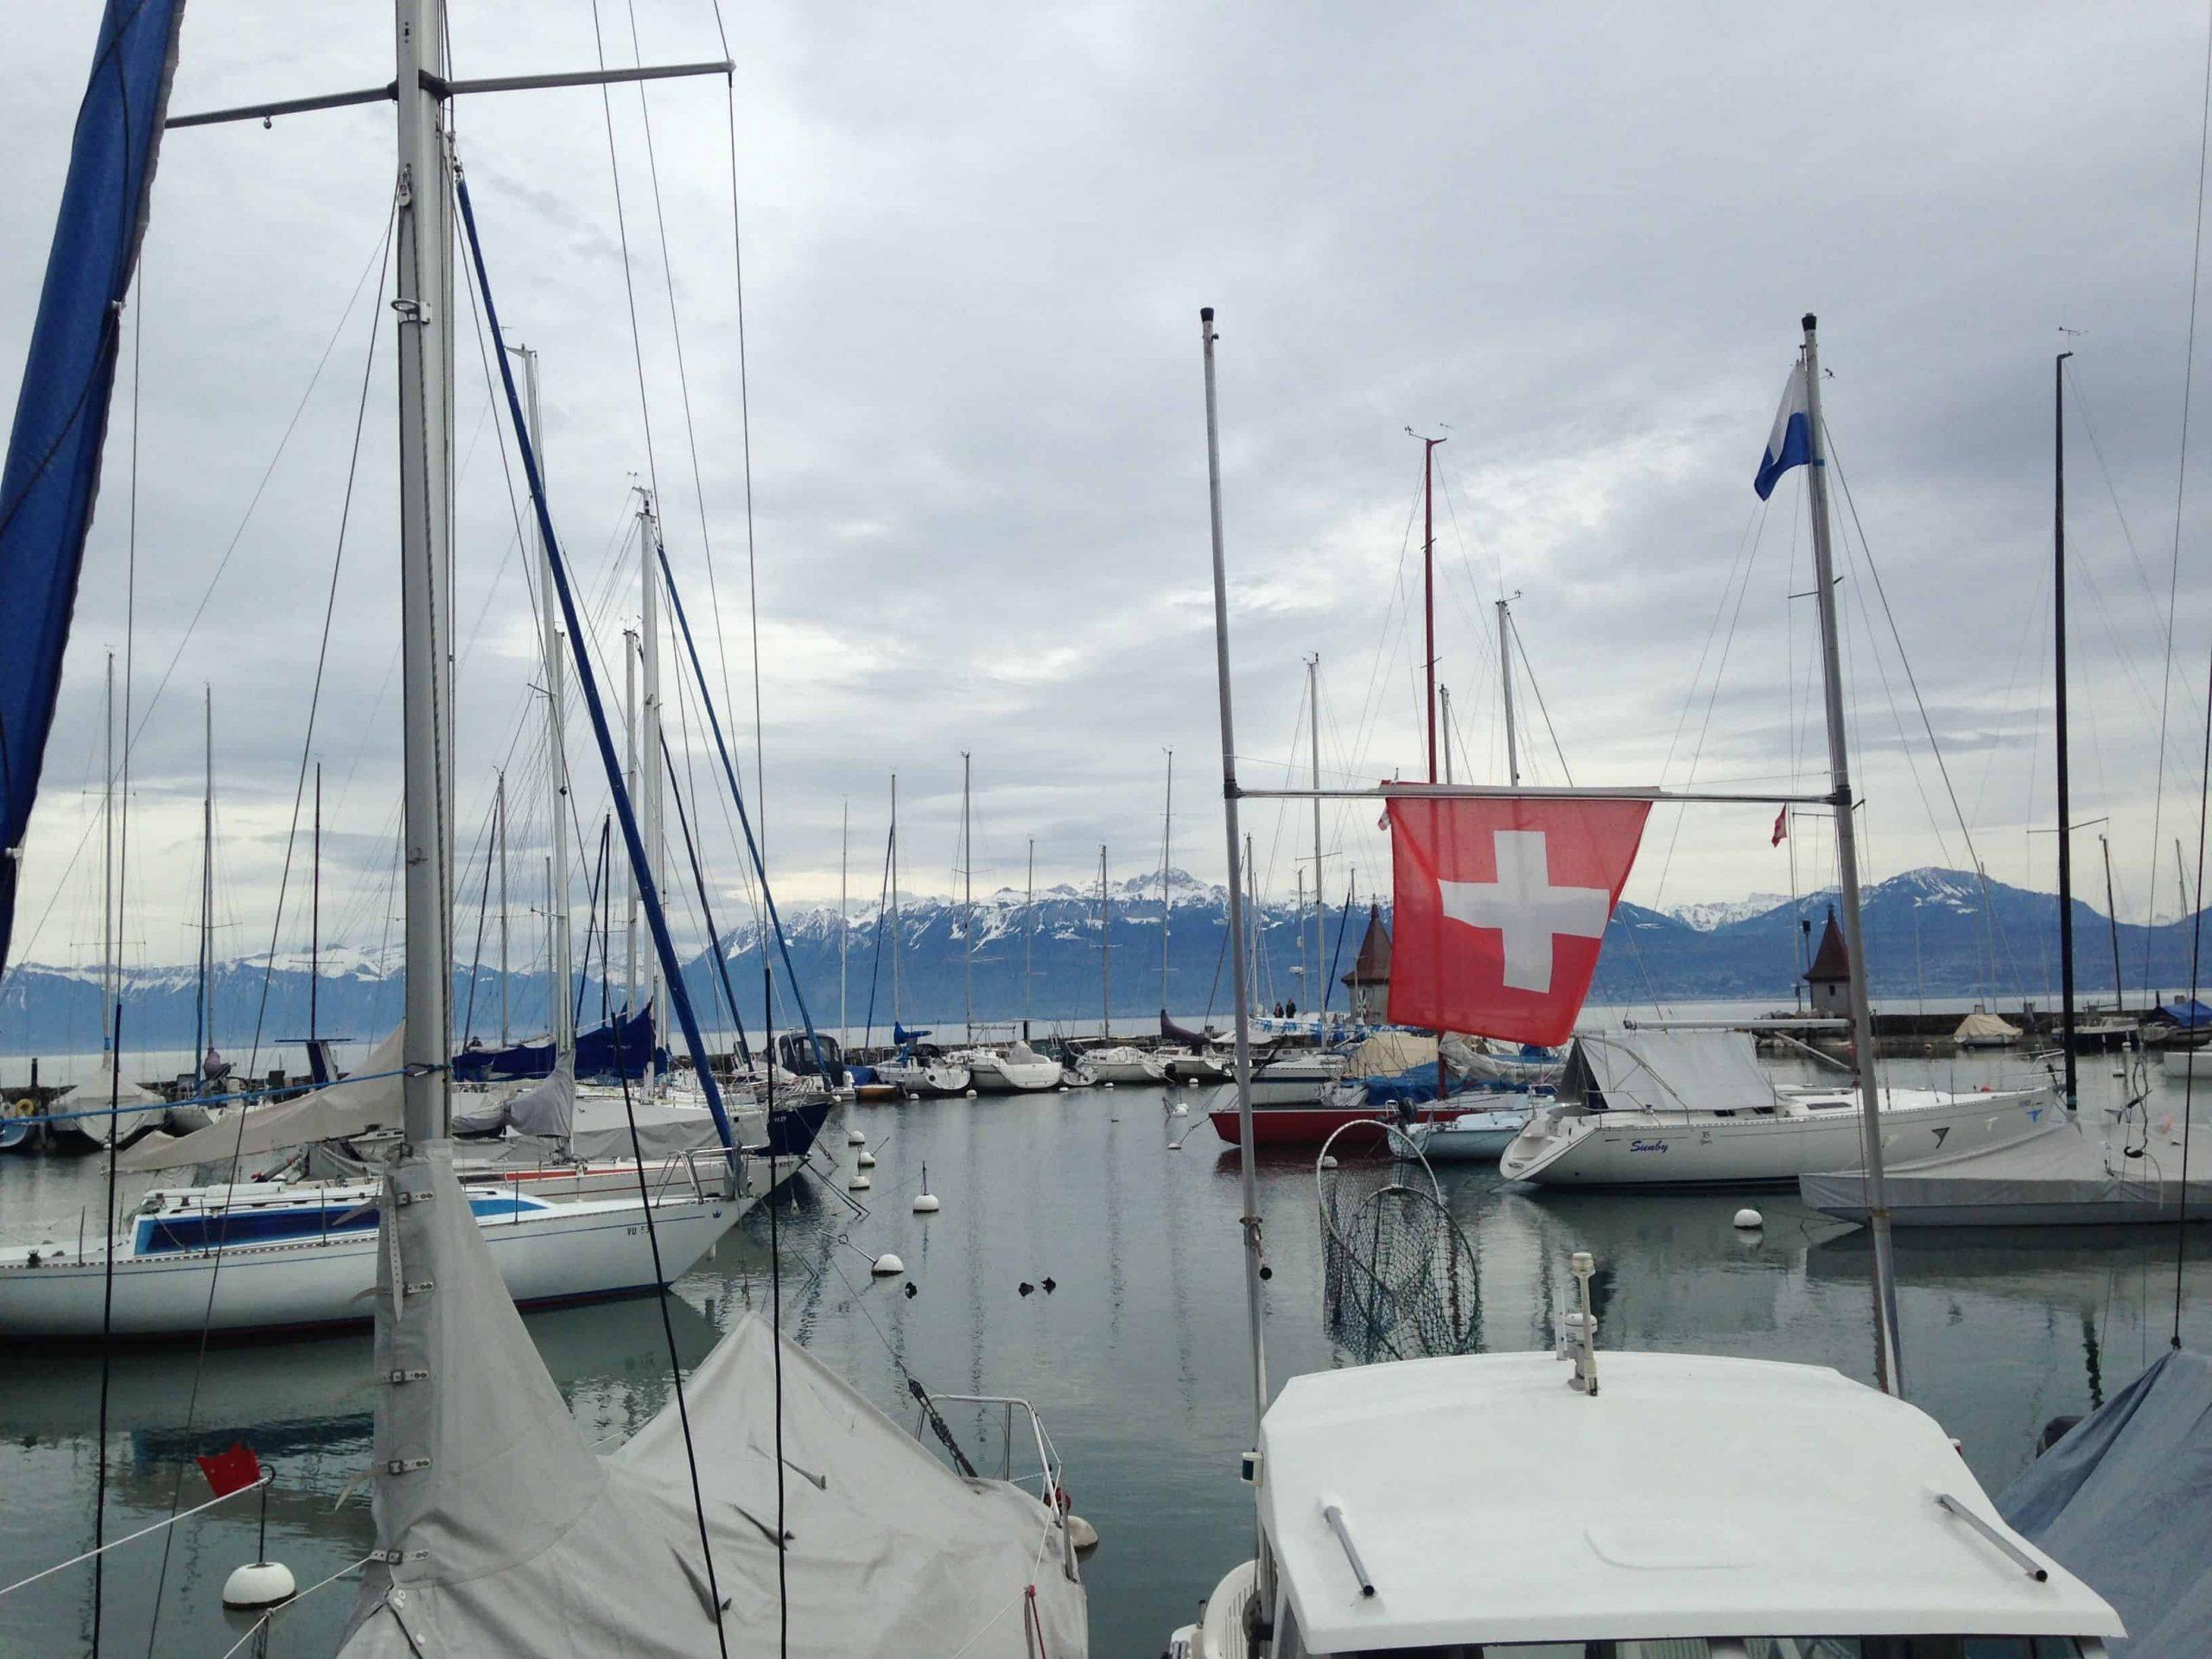 La Suisse, un petit pays rempli de belles surprises